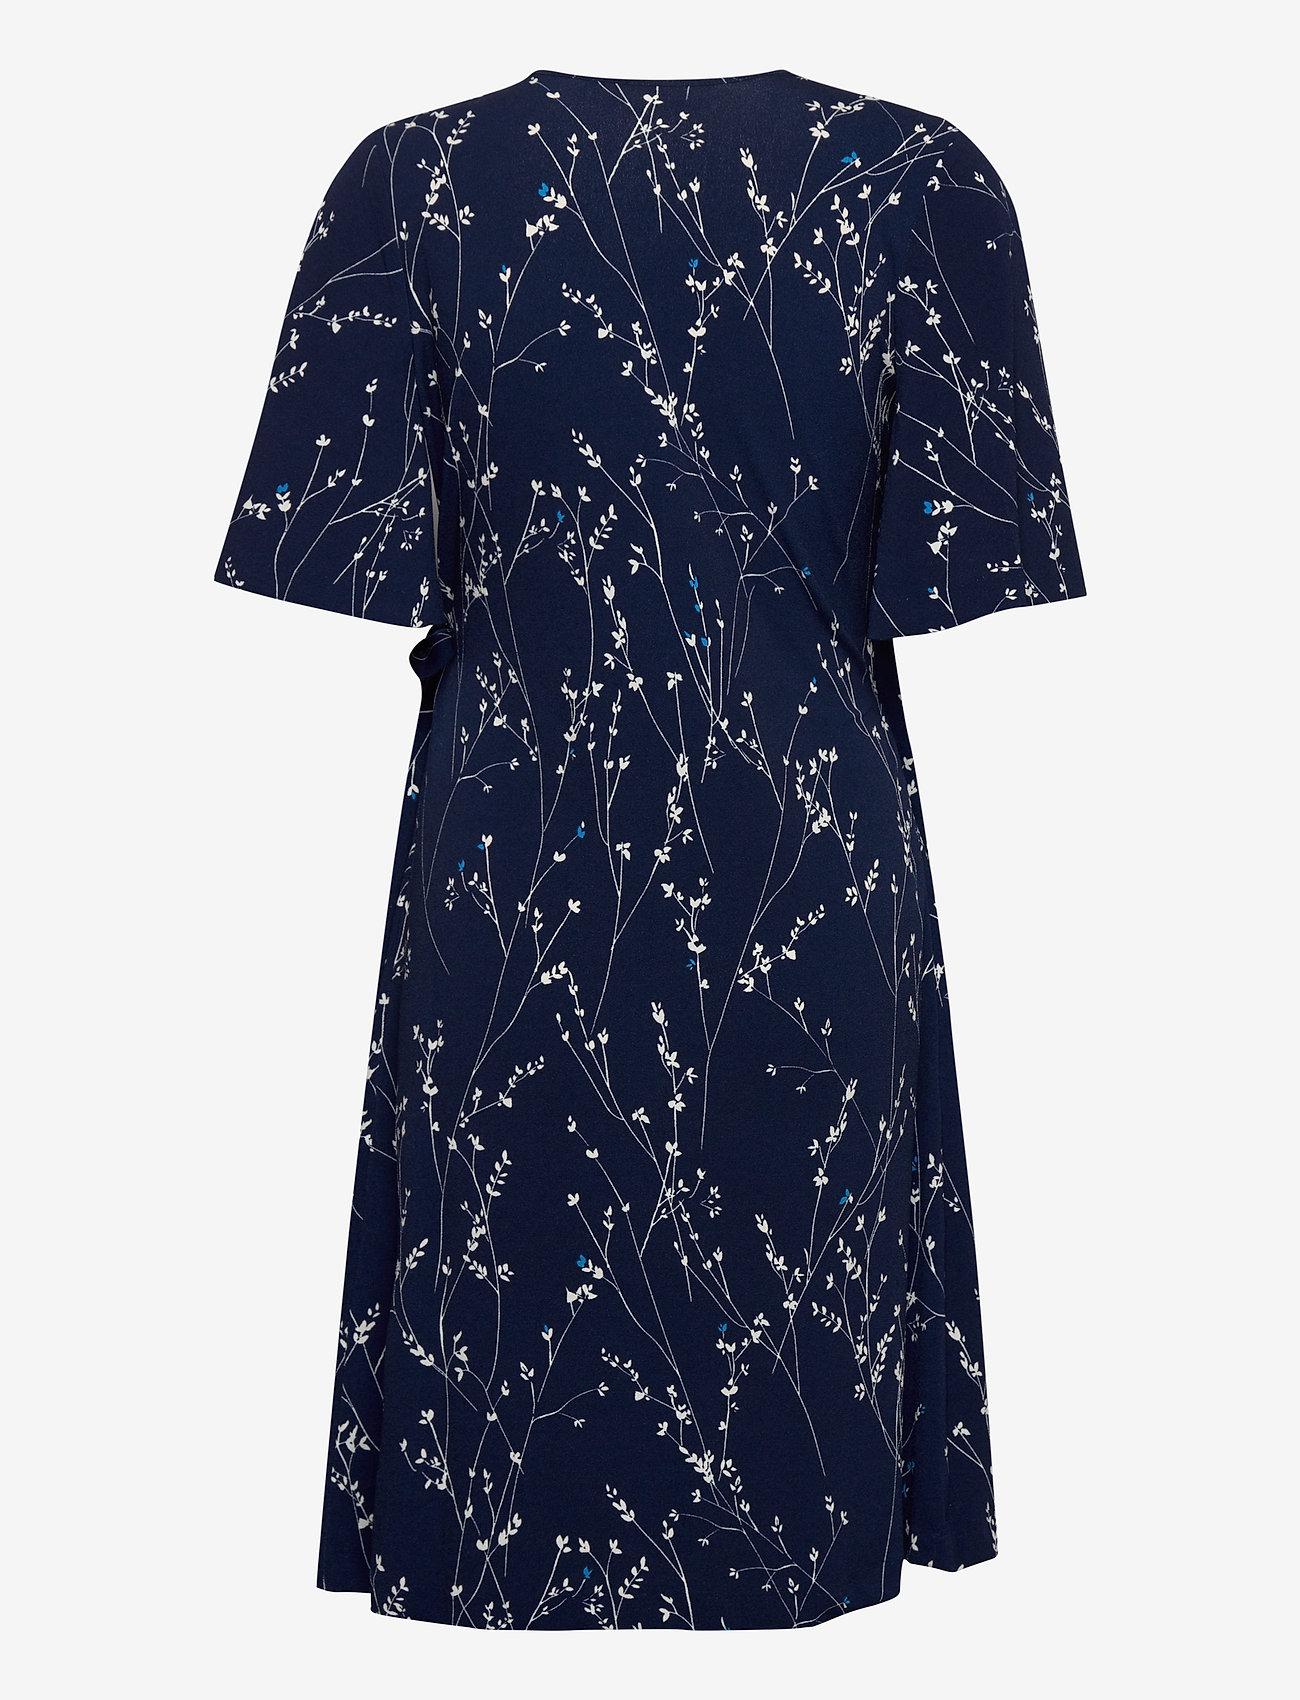 InWear KalvinIW Wrap Dress - Kjoler INK BLUE BRANCHES - Dameklær Spesialtilbud